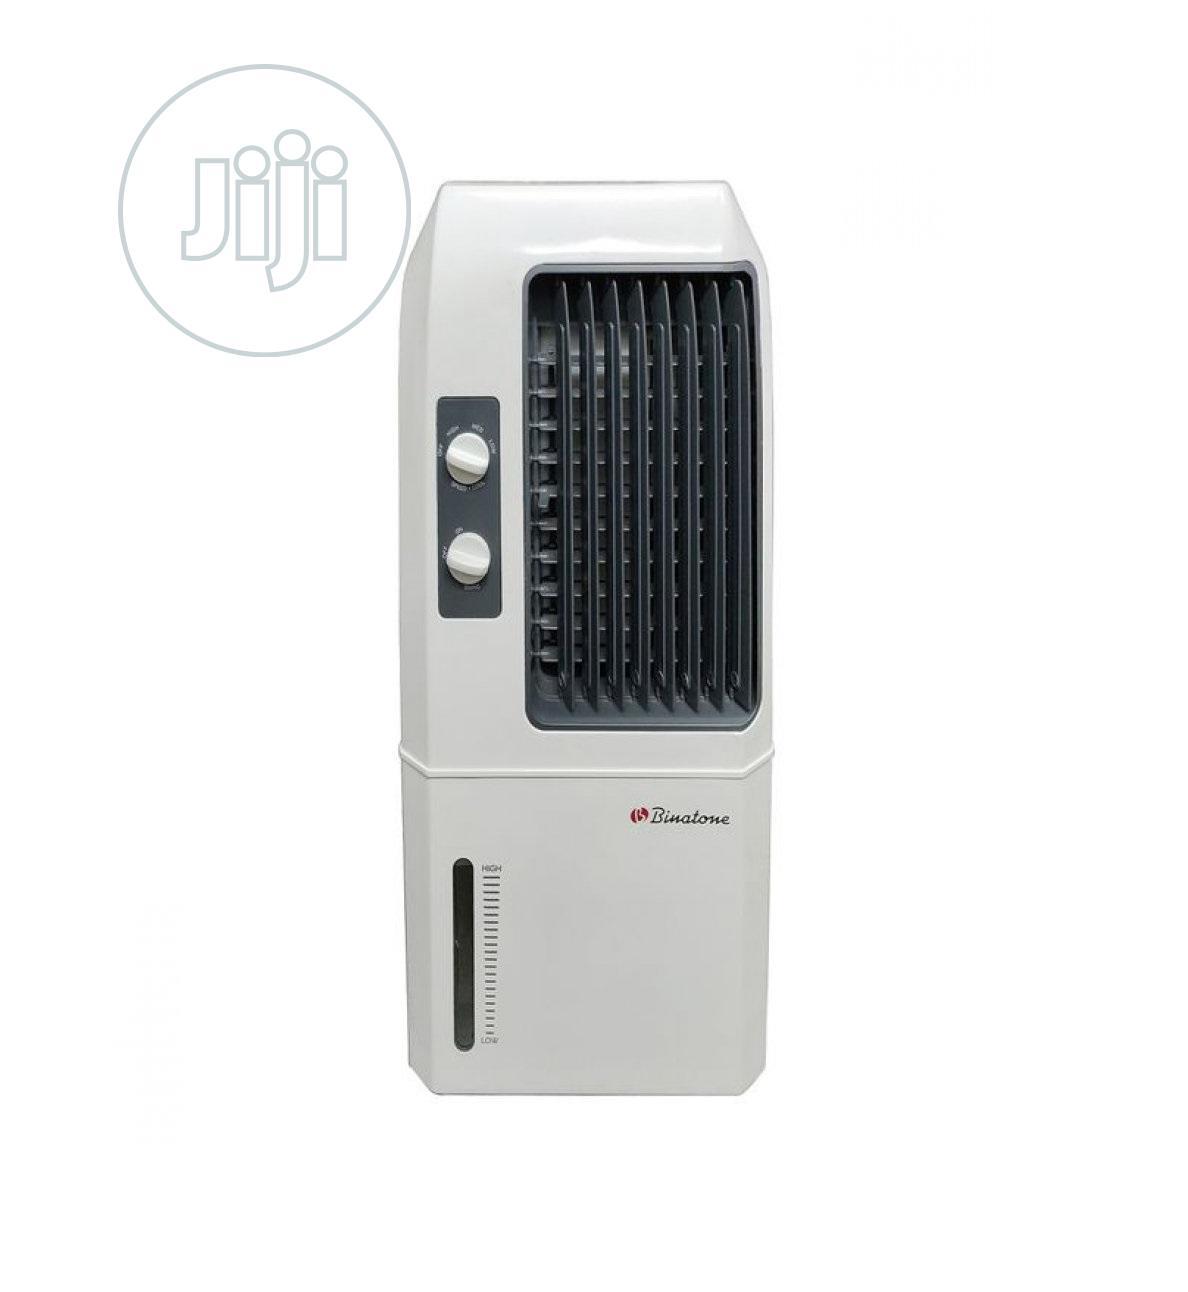 9L Portable Air Cooler BAC-090 - Binatone D111